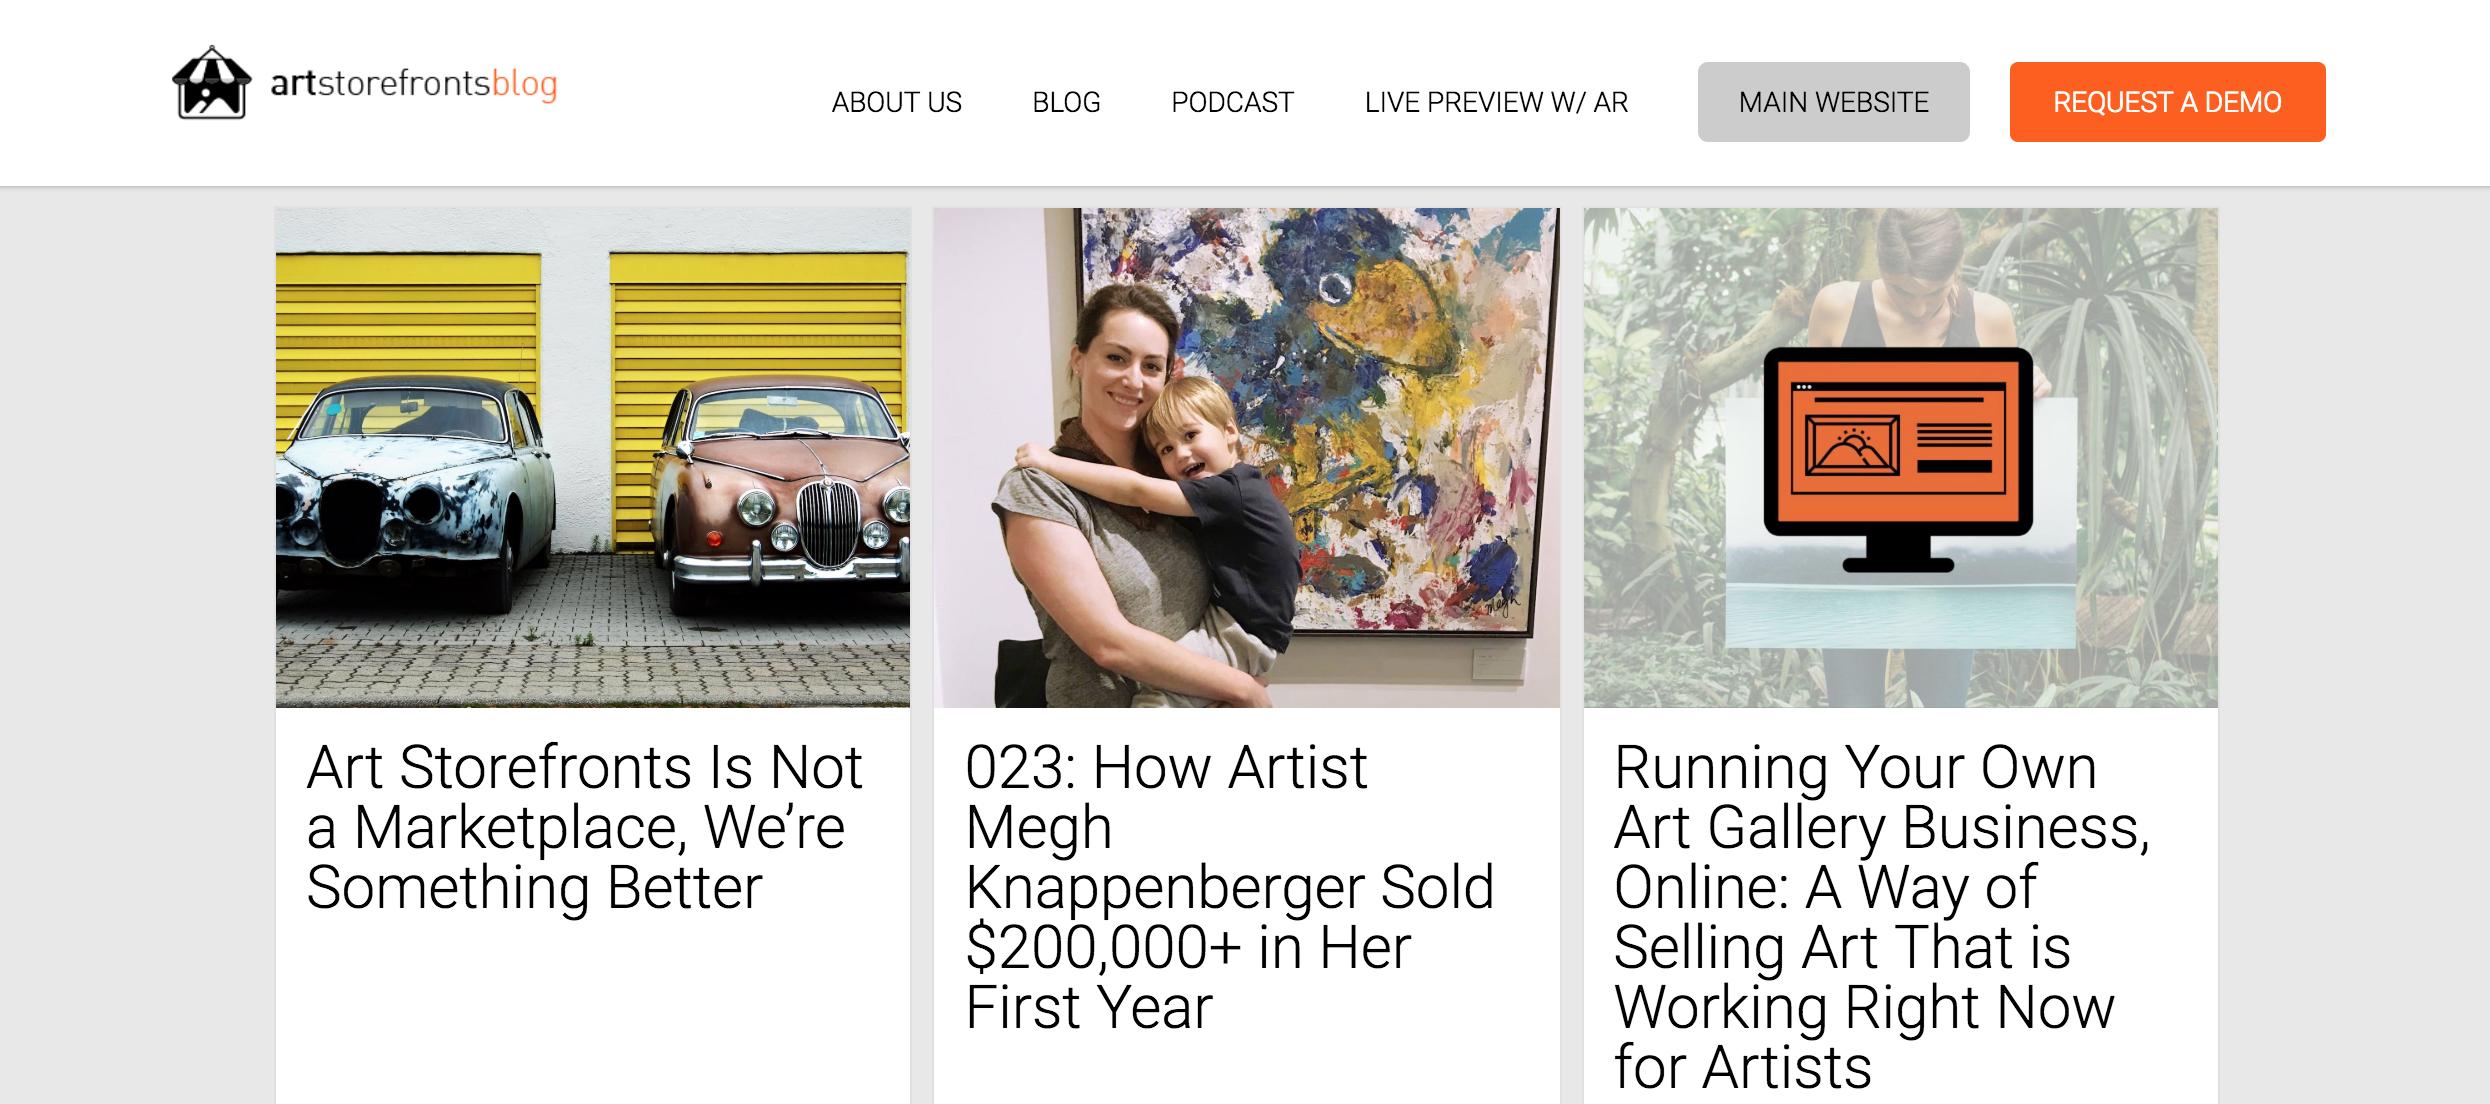 Art Storefronts Blog